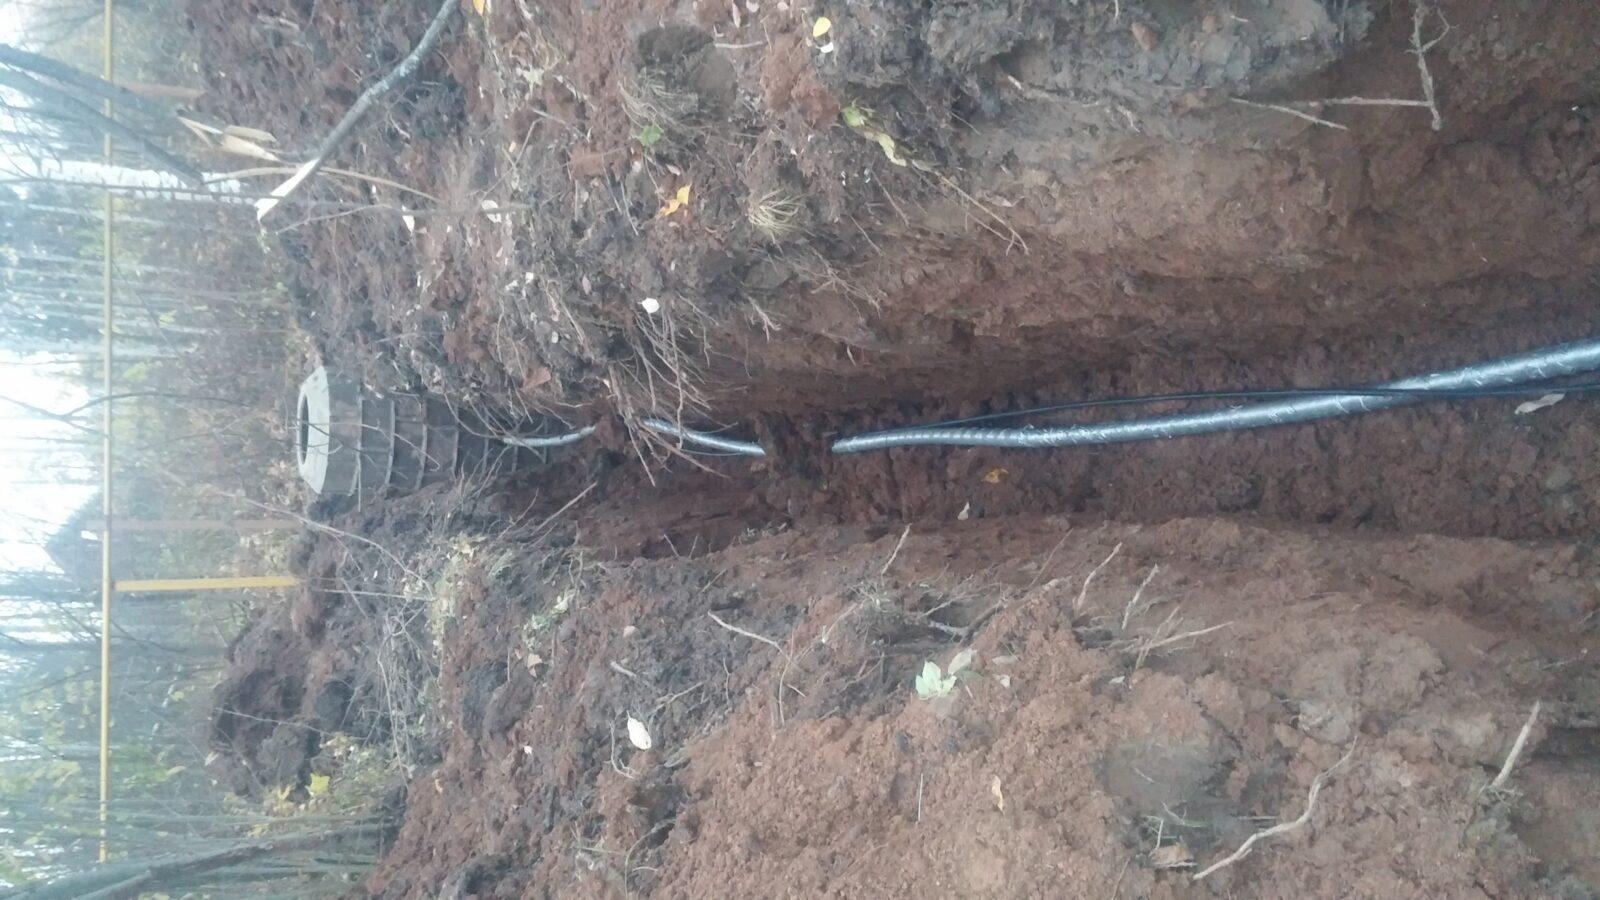 Укладка водопровода в траншею